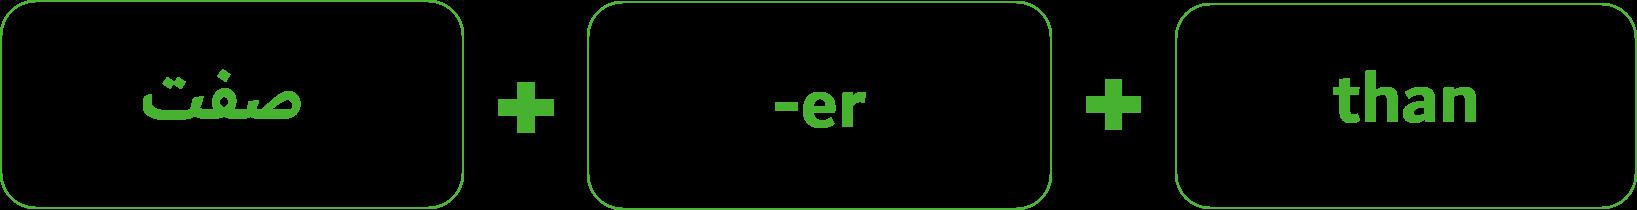 انواع صفت ها در زبان انگلیسی-بامبو دات آی آر